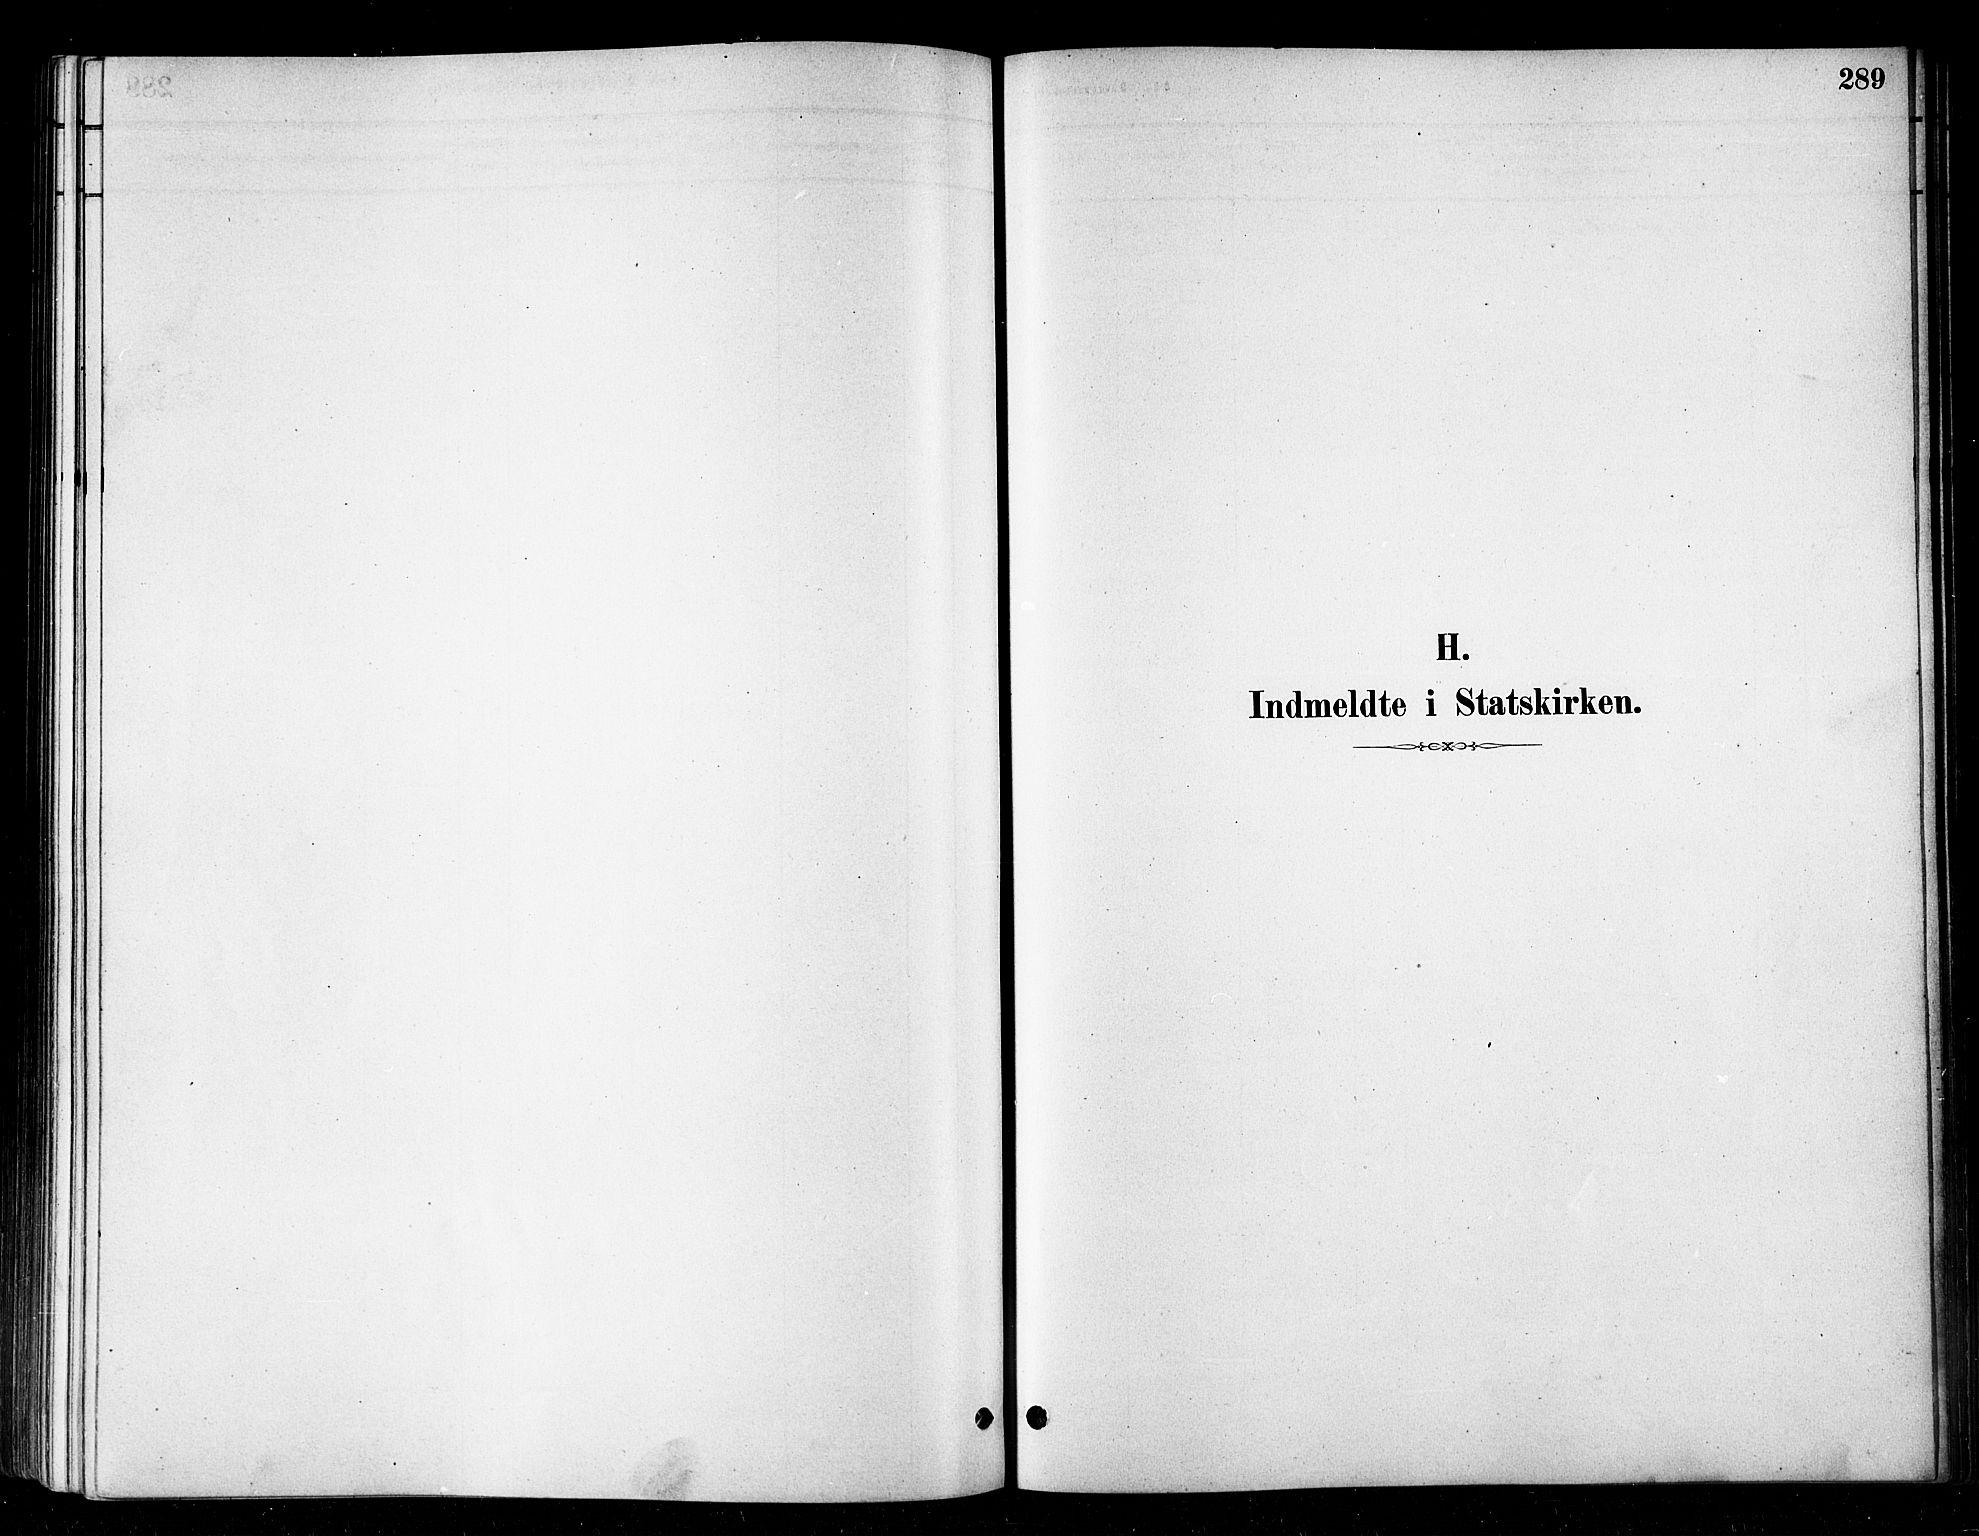 SATØ, Vardø sokneprestkontor, H/Ha/L0006kirke: Ministerialbok nr. 6, 1879-1886, s. 289